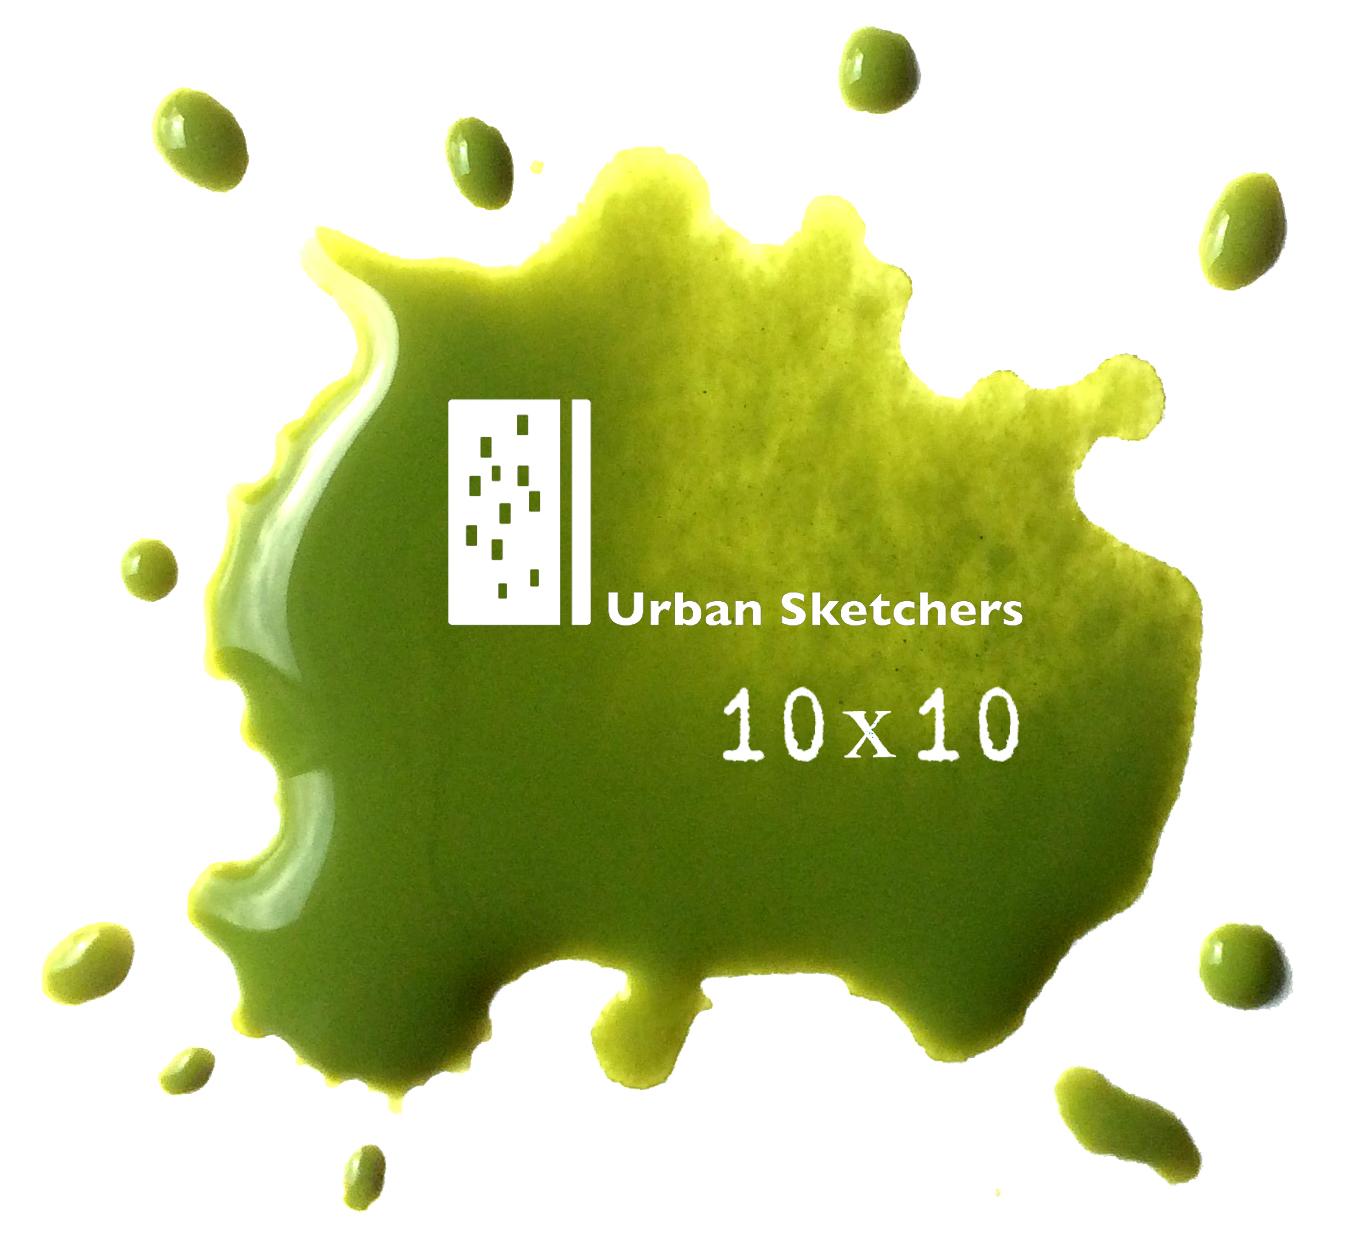 01 usk 10x10 logo2g 10x10 educational program nvjuhfo Images